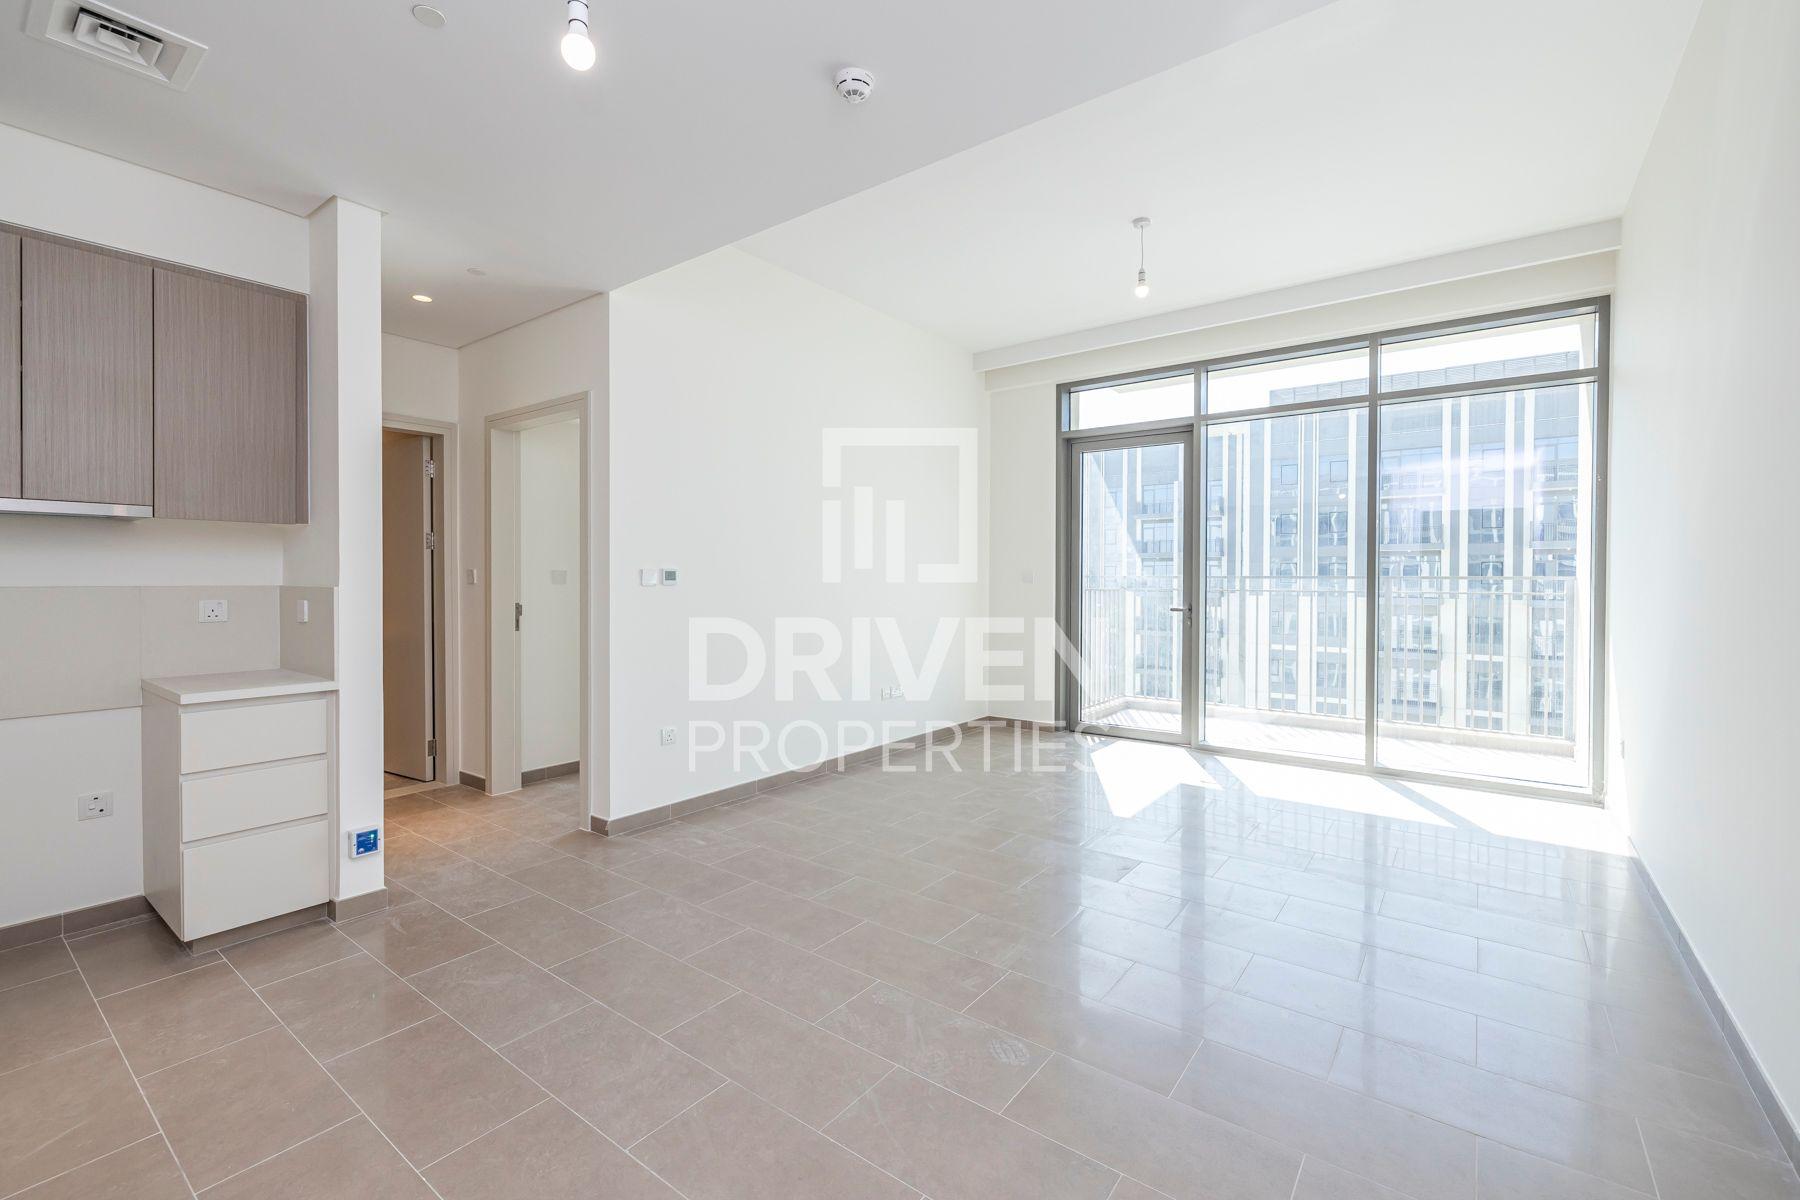 645 قدم مربع  شقة - للايجار - دبي هيلز استيت